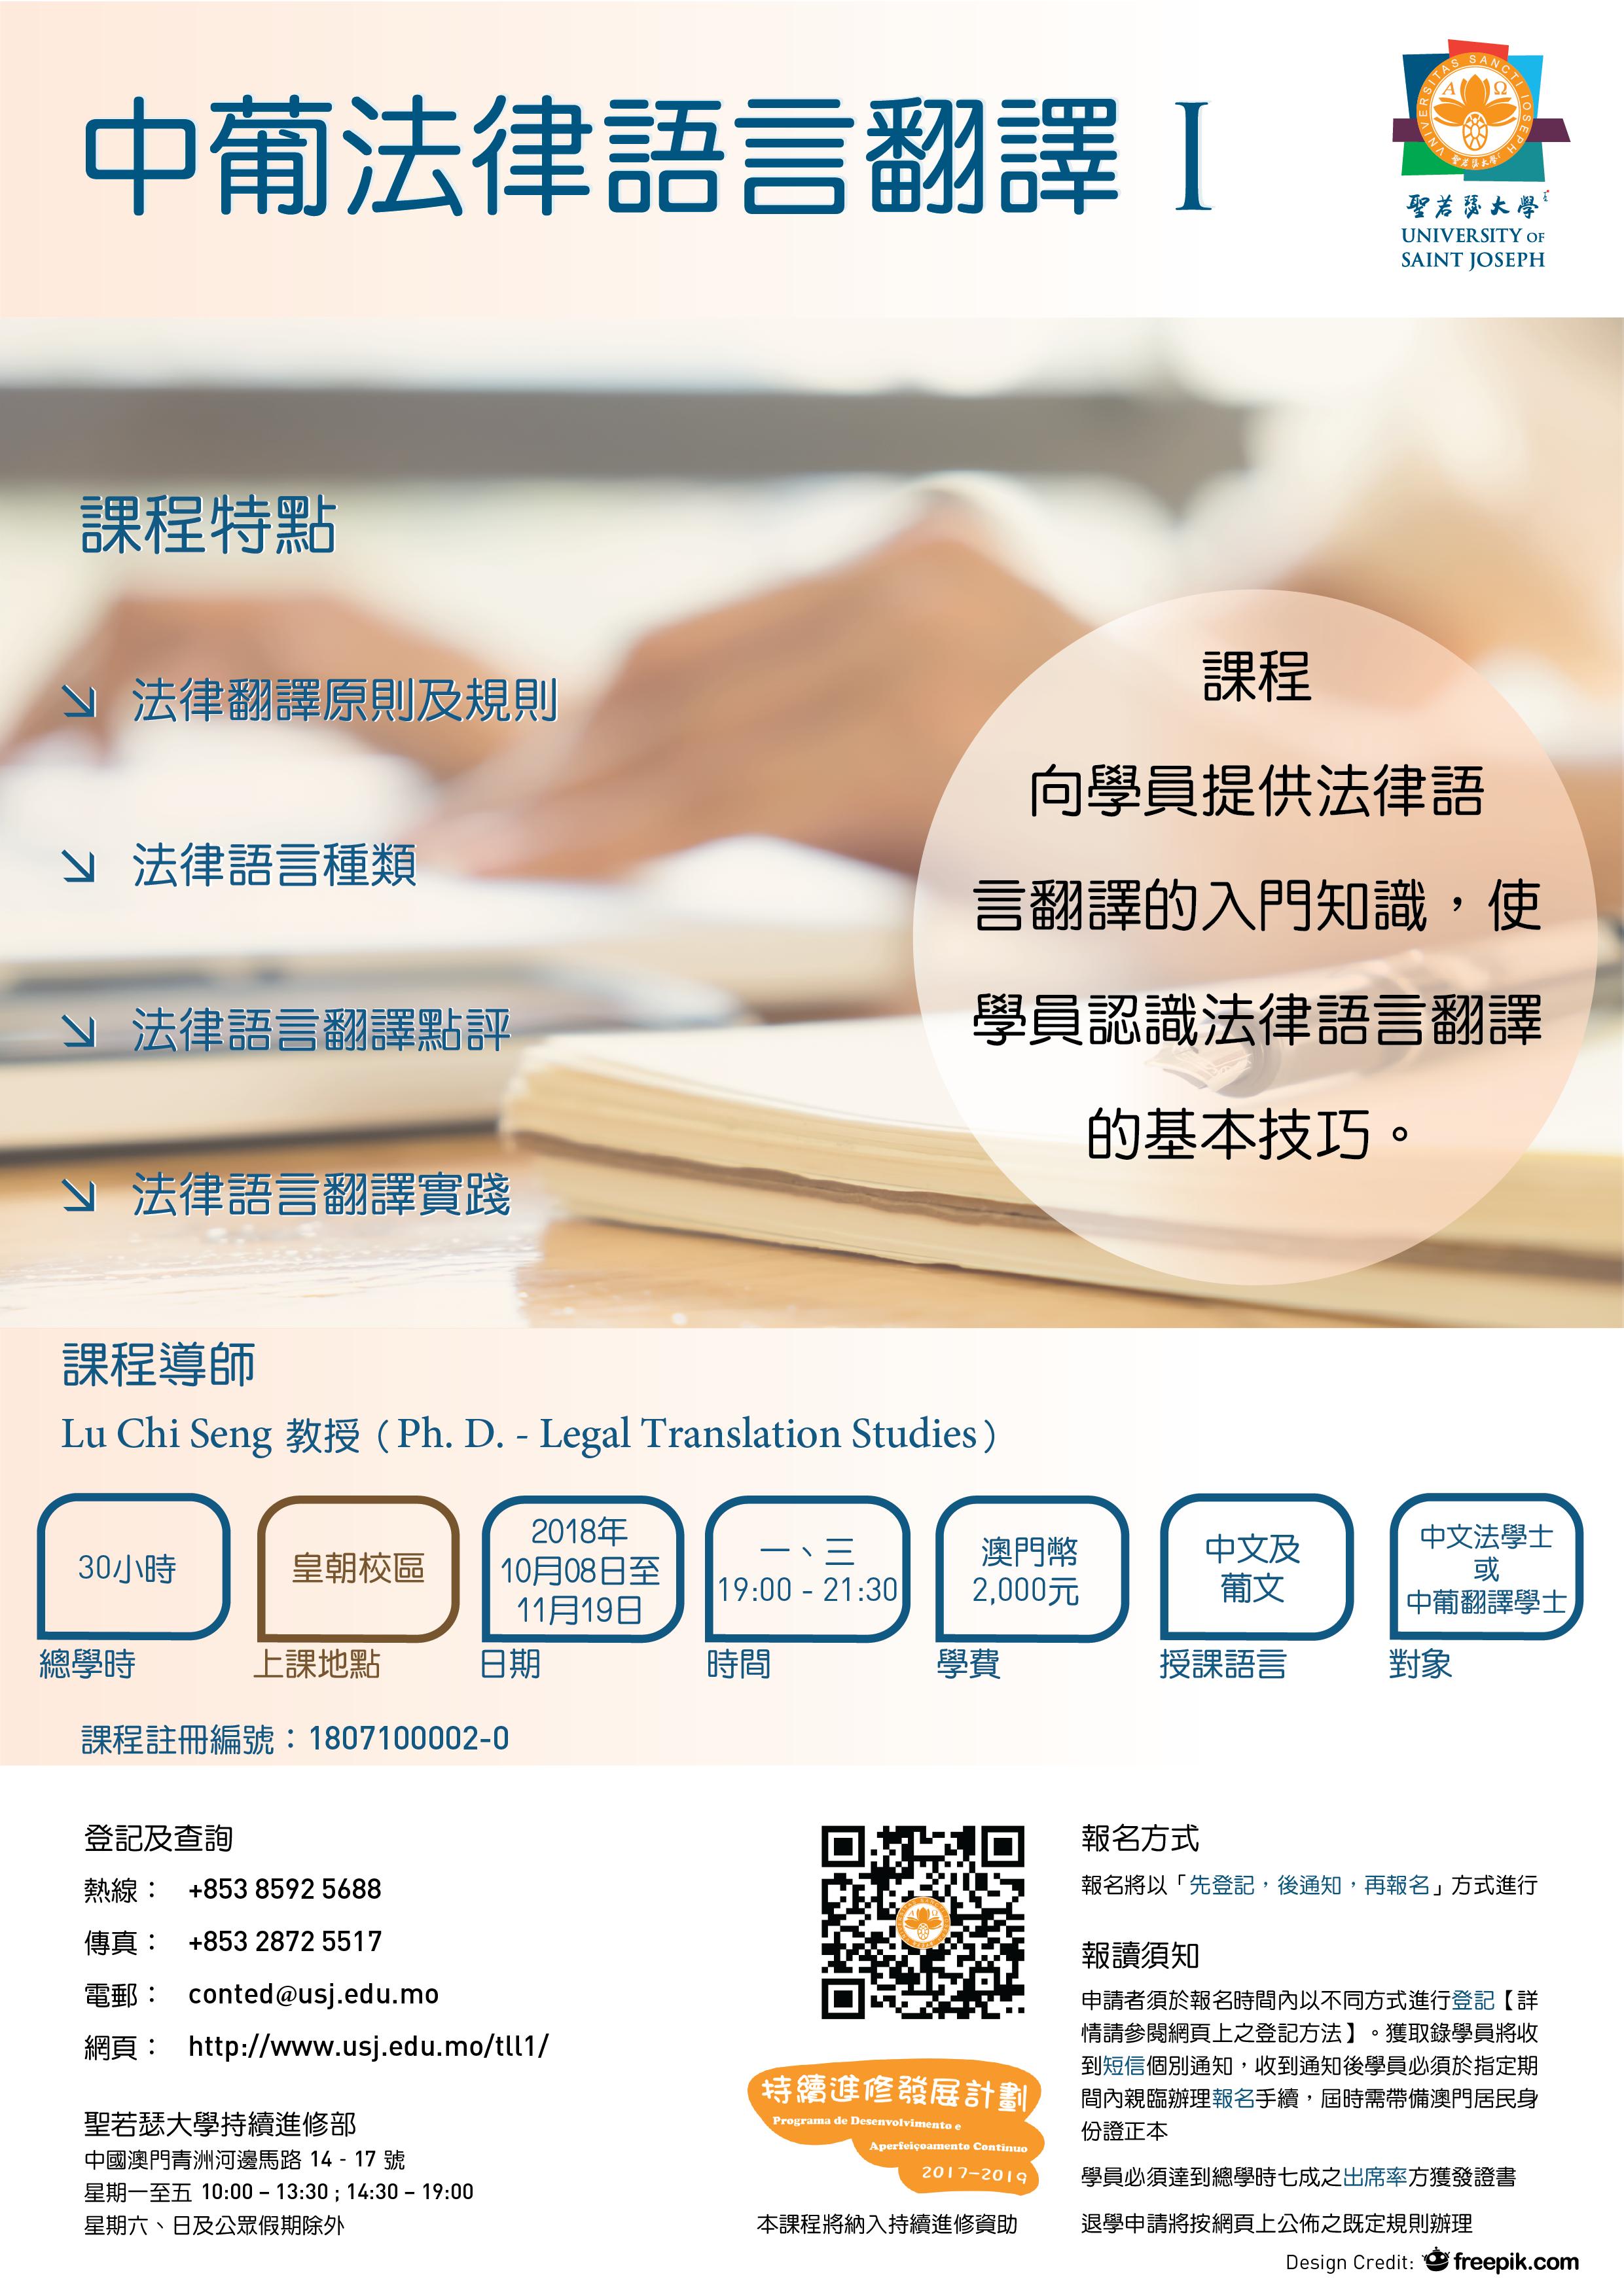 Legal Translation v1.3-01